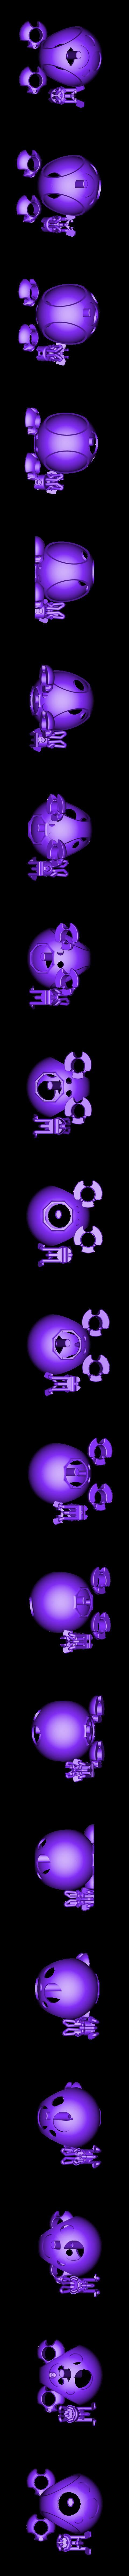 full-color1.stl Download free STL file Pod Walker • 3D printing object, ferjerez3d